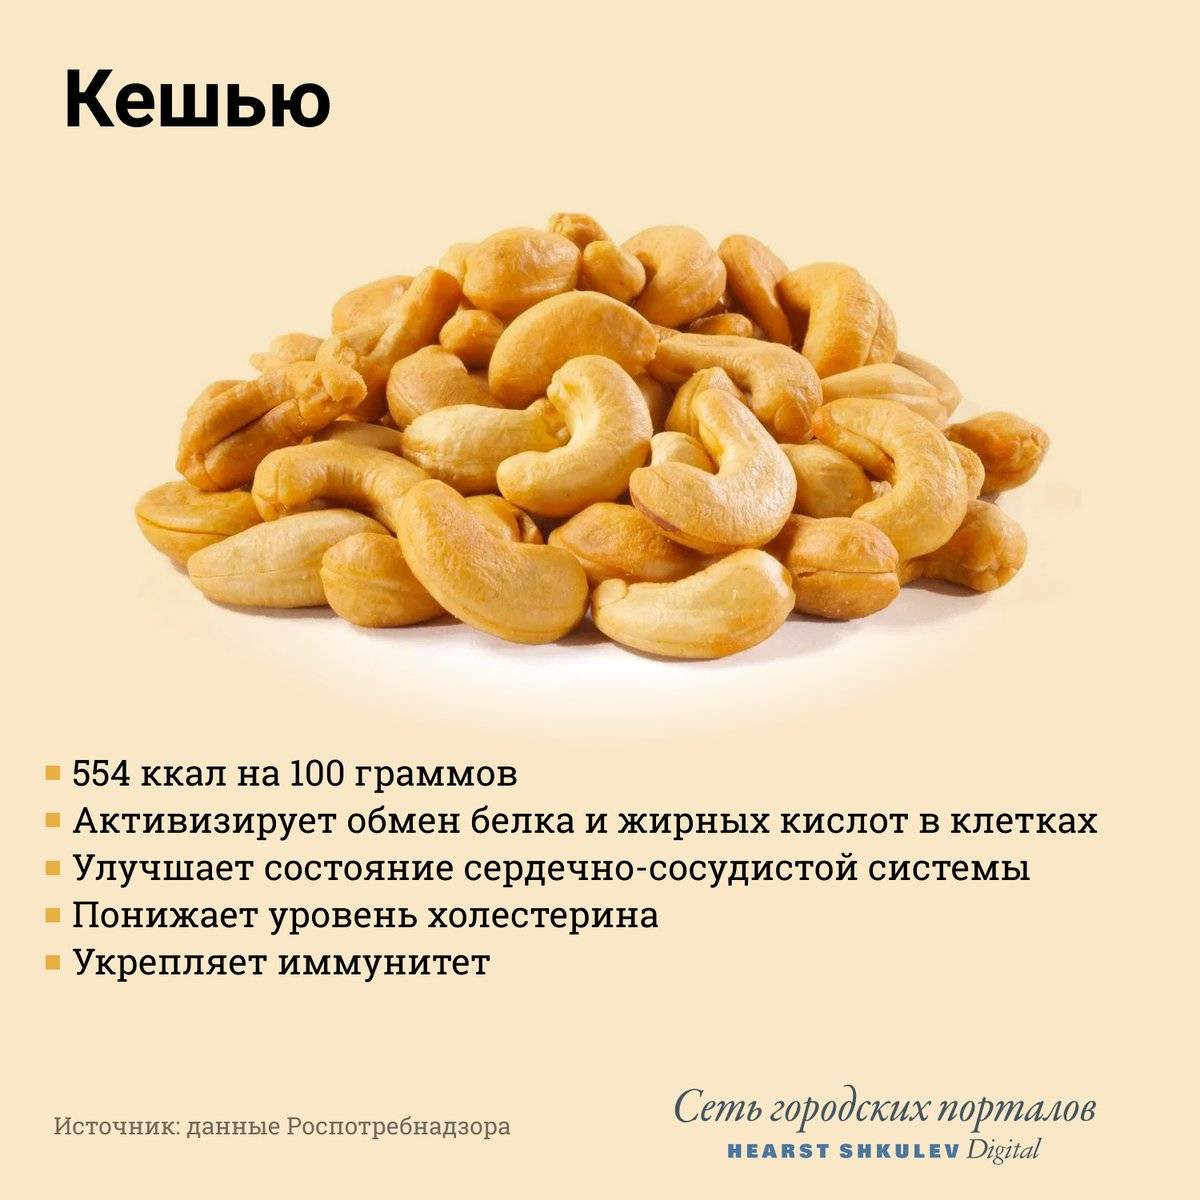 Сколько орехов можно есть в день (кедровых, грецких)? | mnogoli.ru